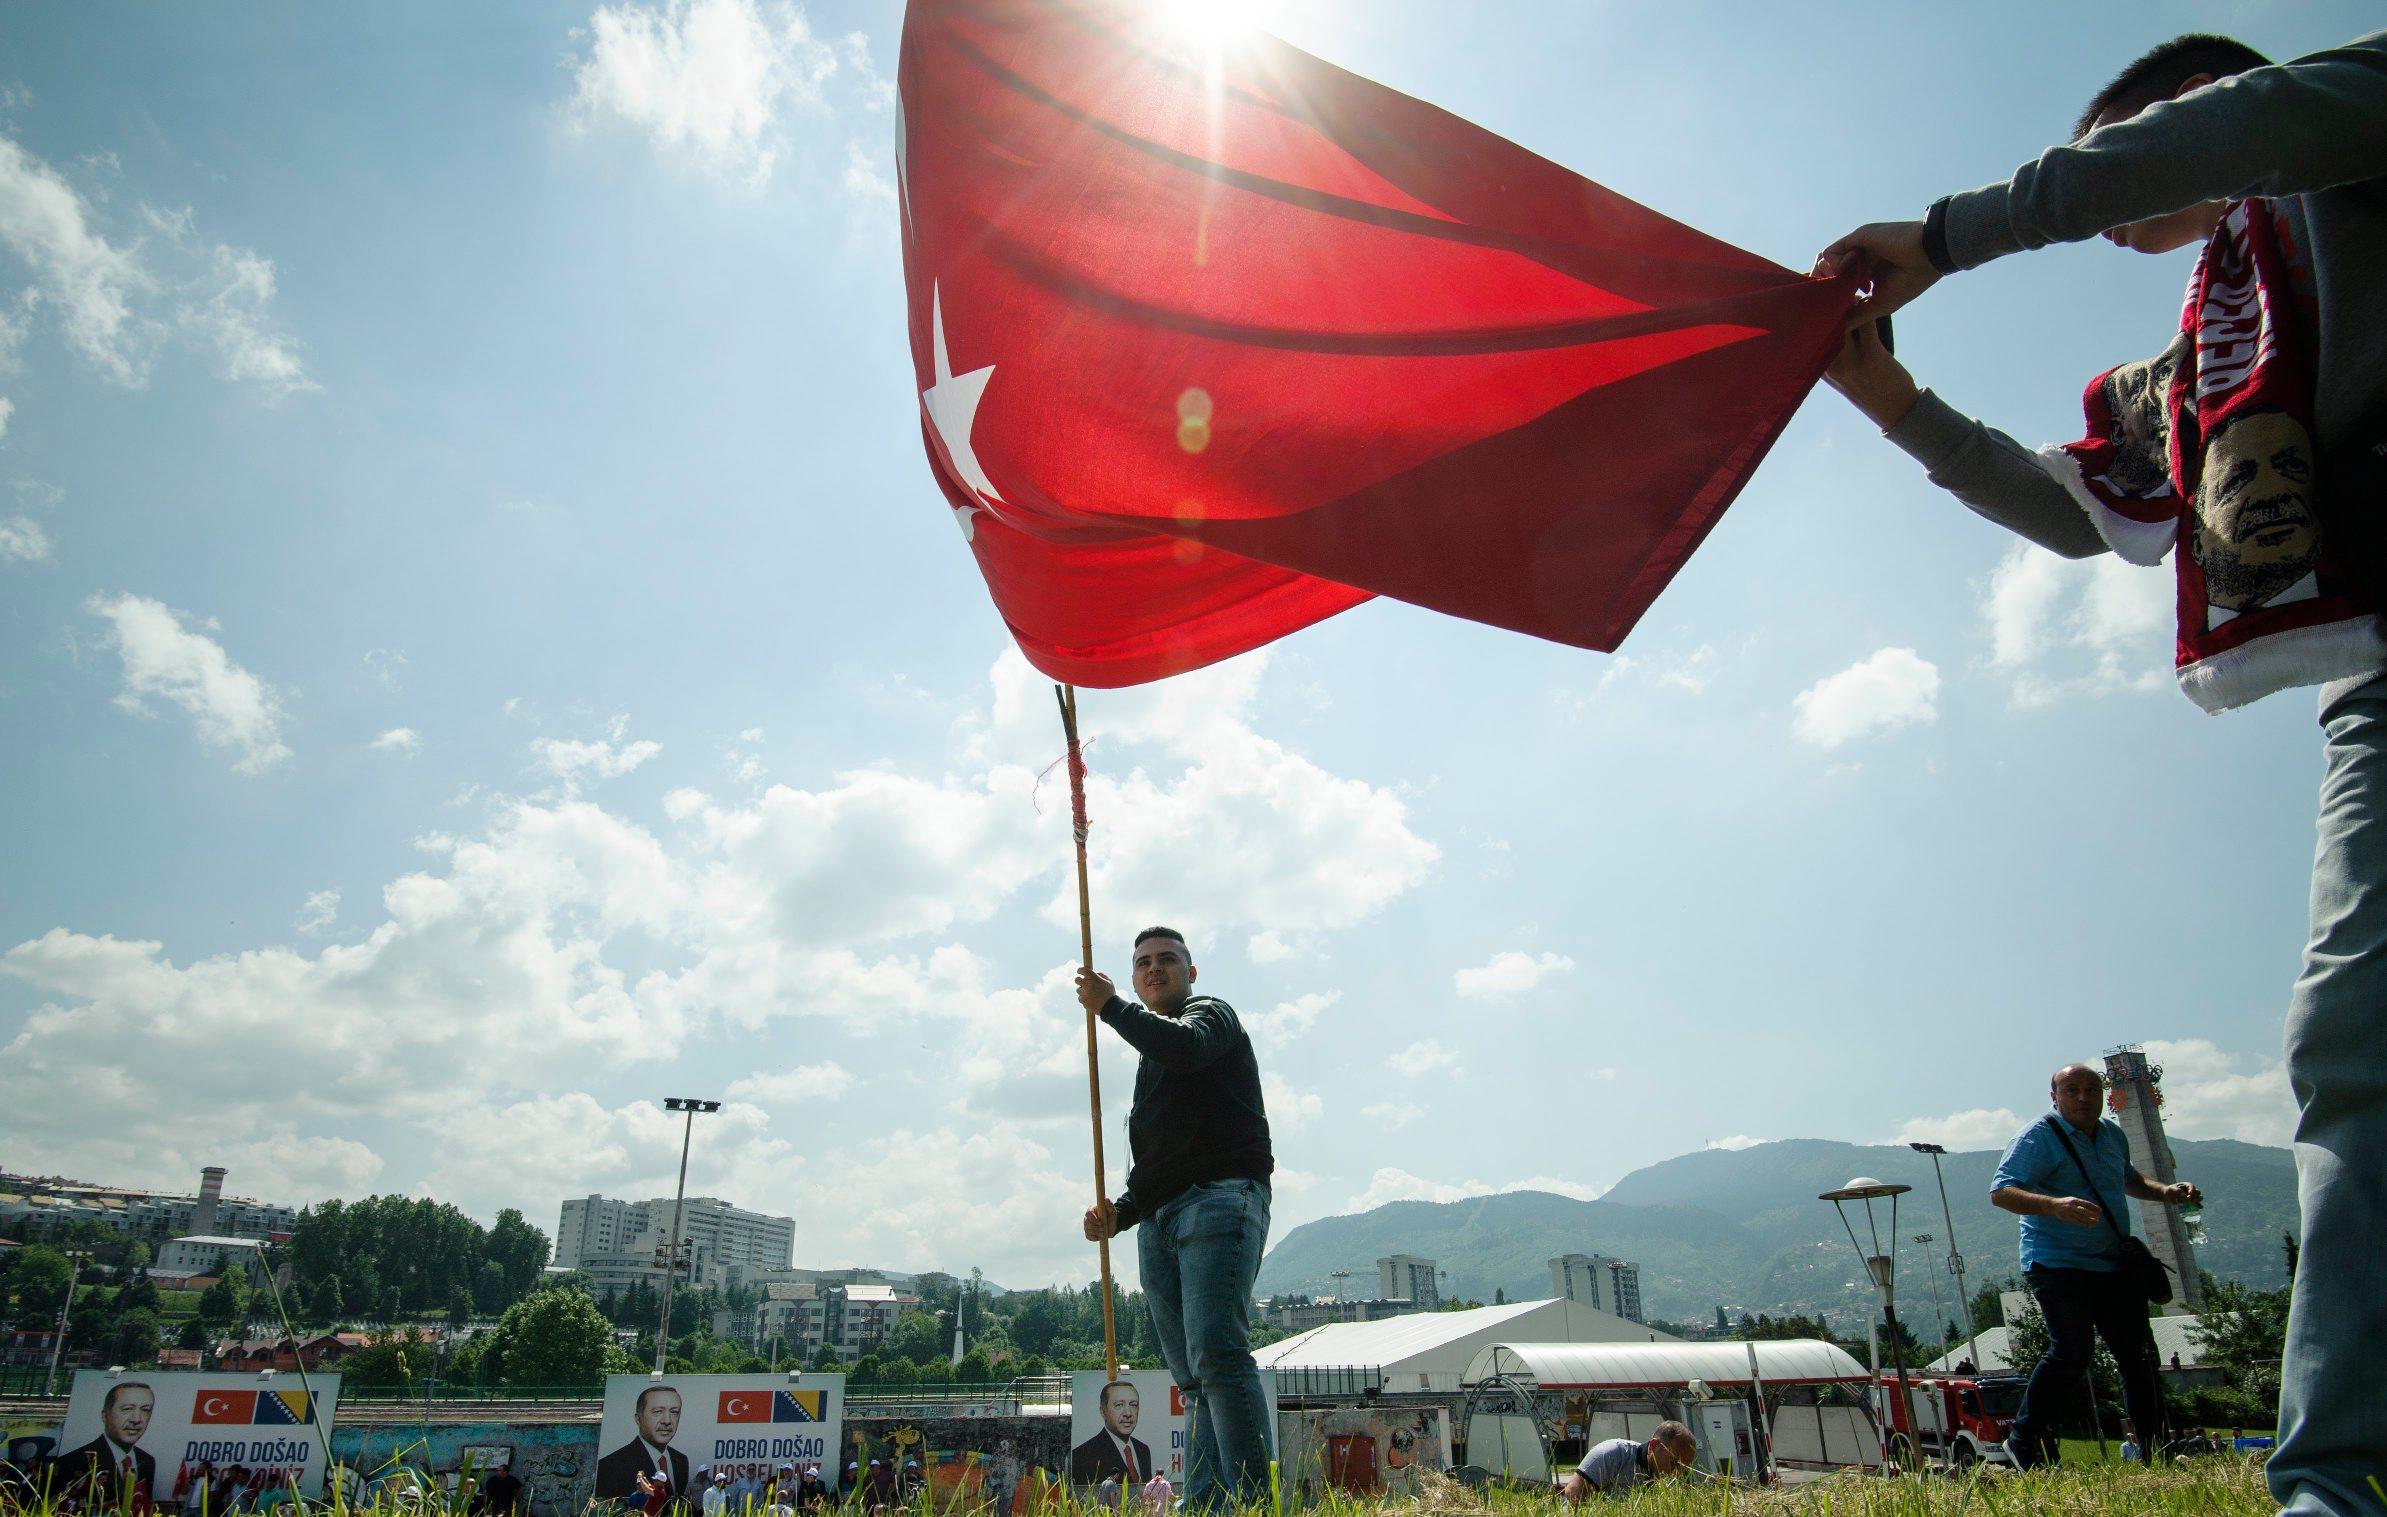 sarajevo_erdogan17-200518